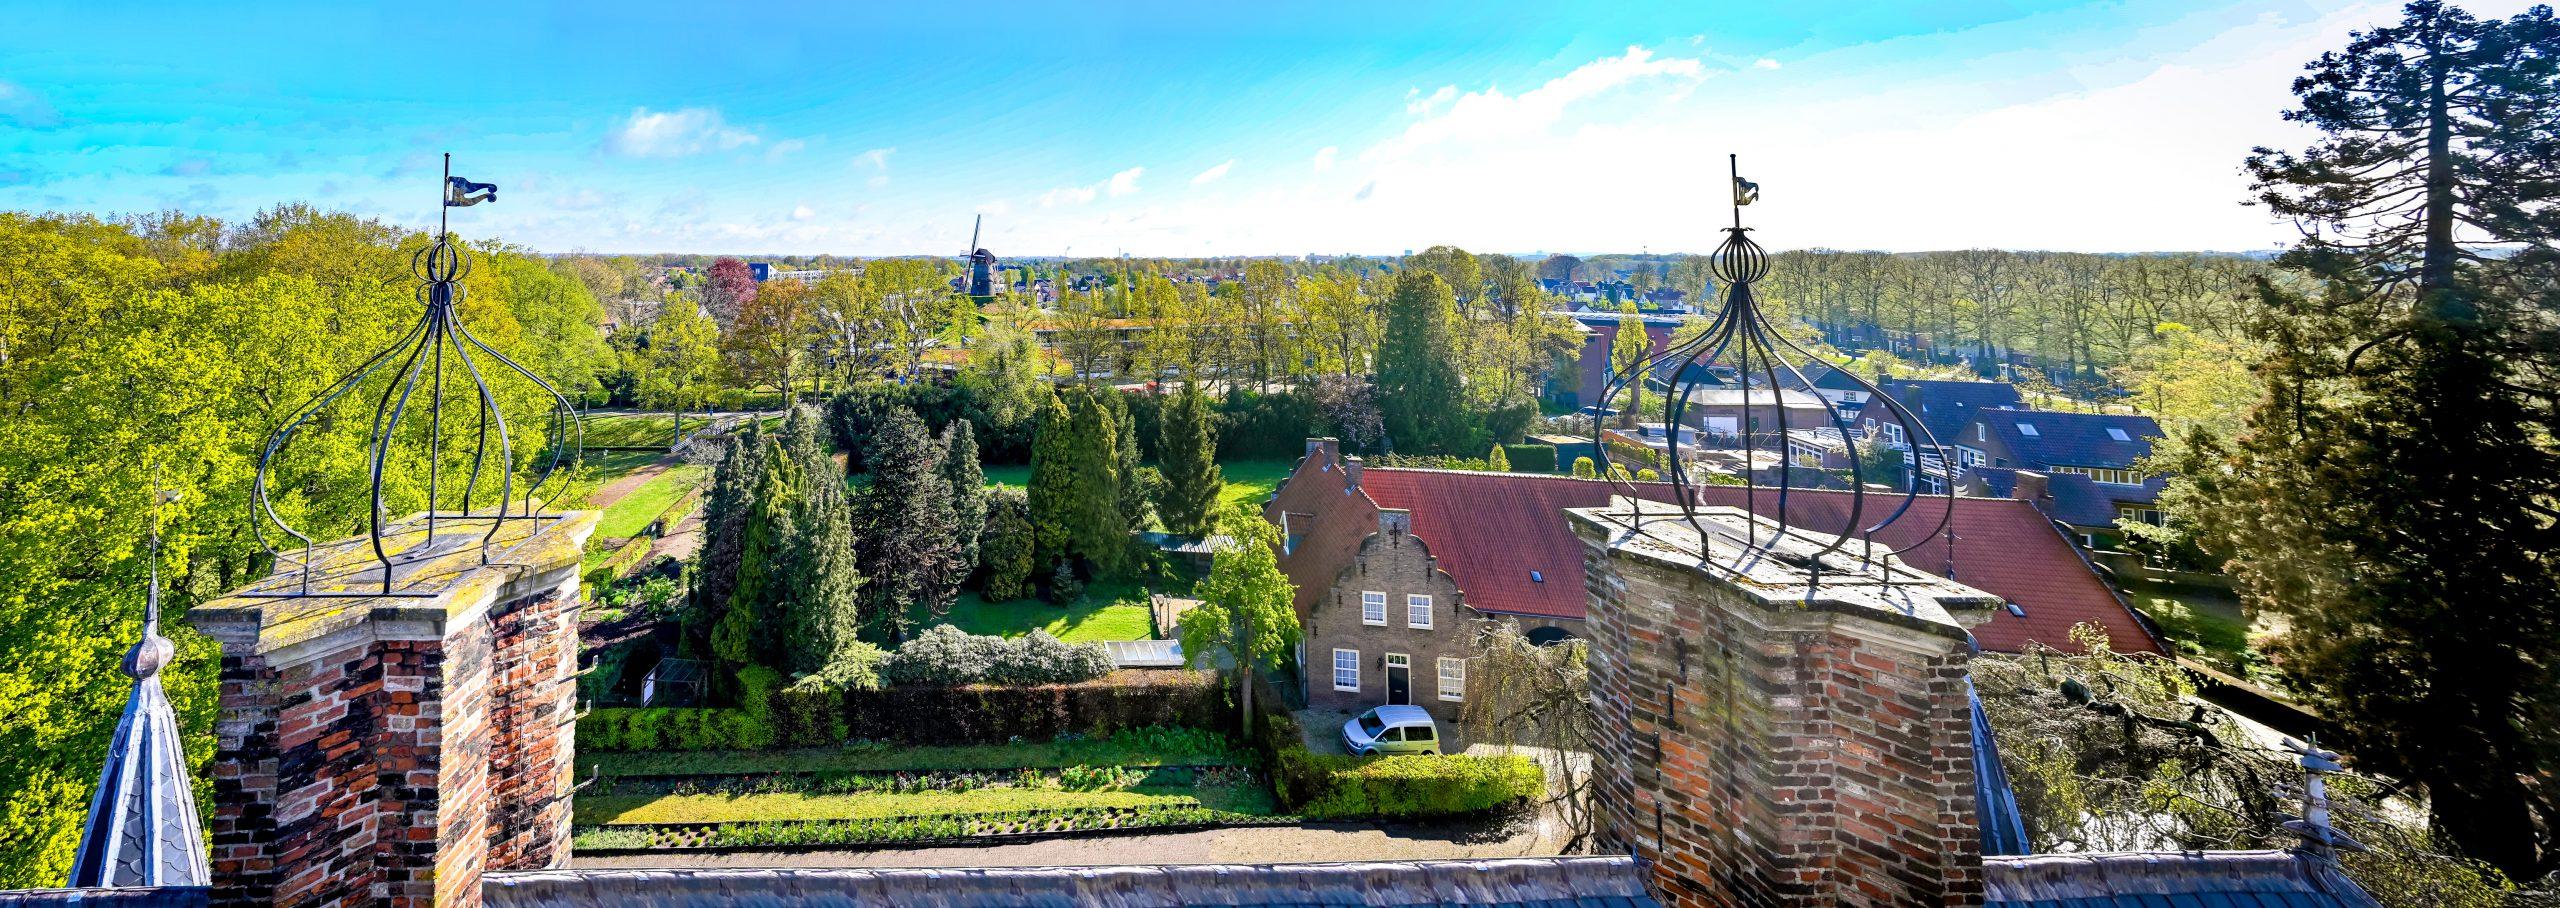 Kasteel-Wijchen-uitzicht-toren-op-molen-scaled